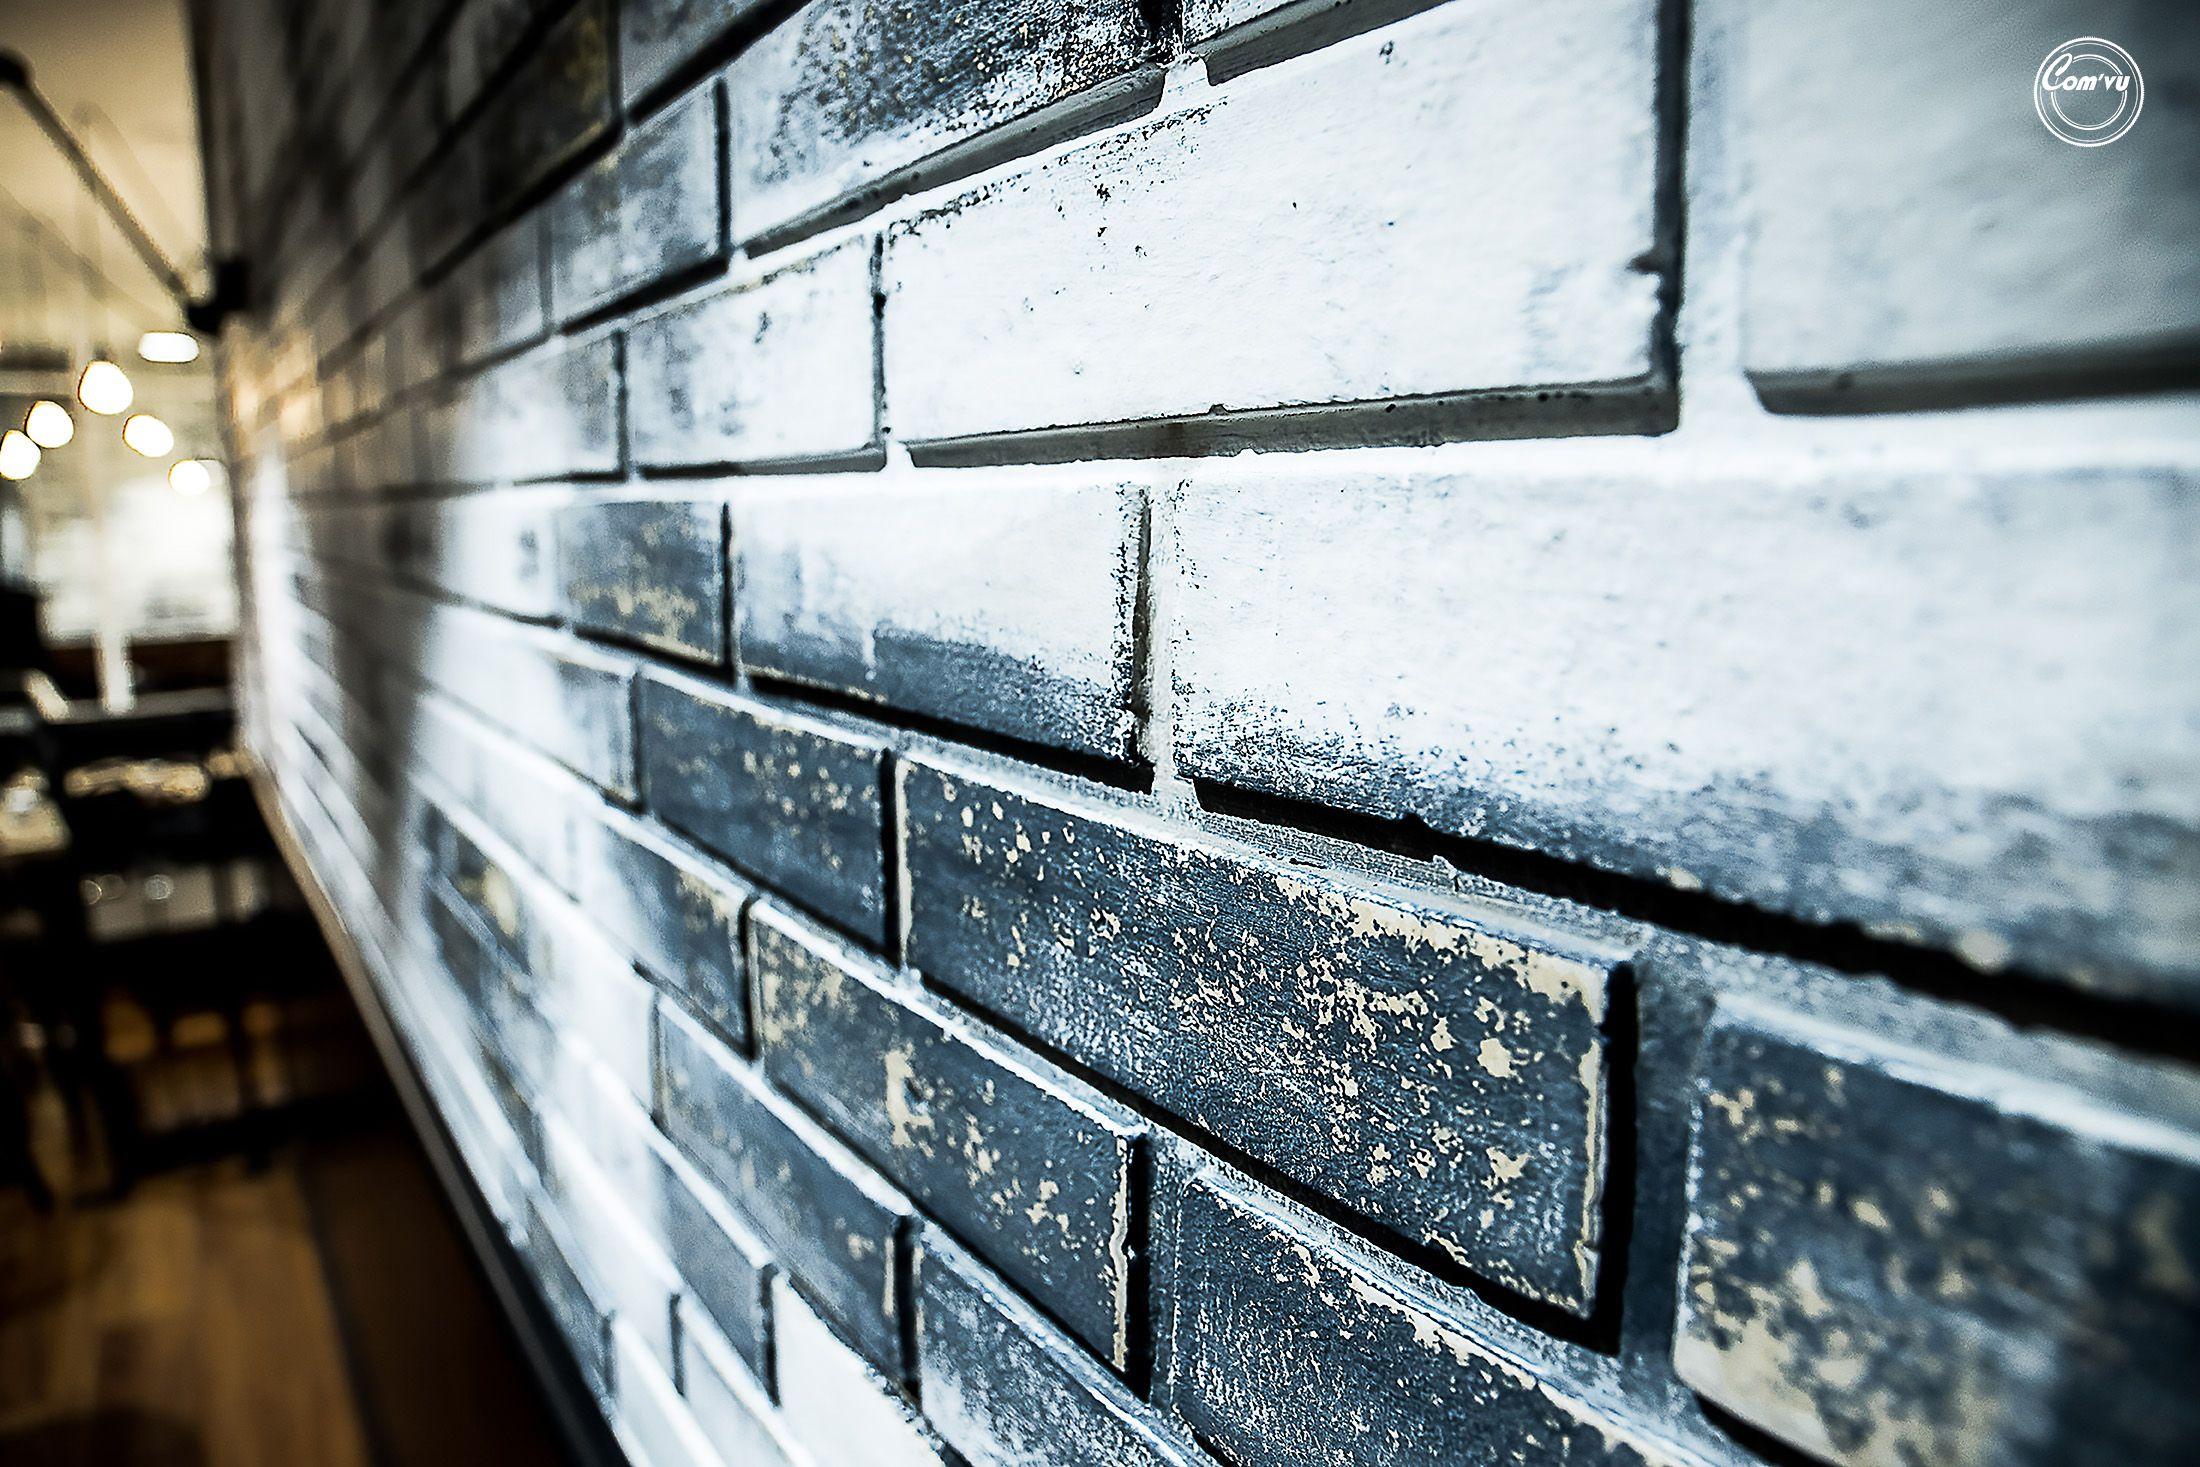 Patine Effet Vieilli Sur Mur De Briques Restaurant Papote